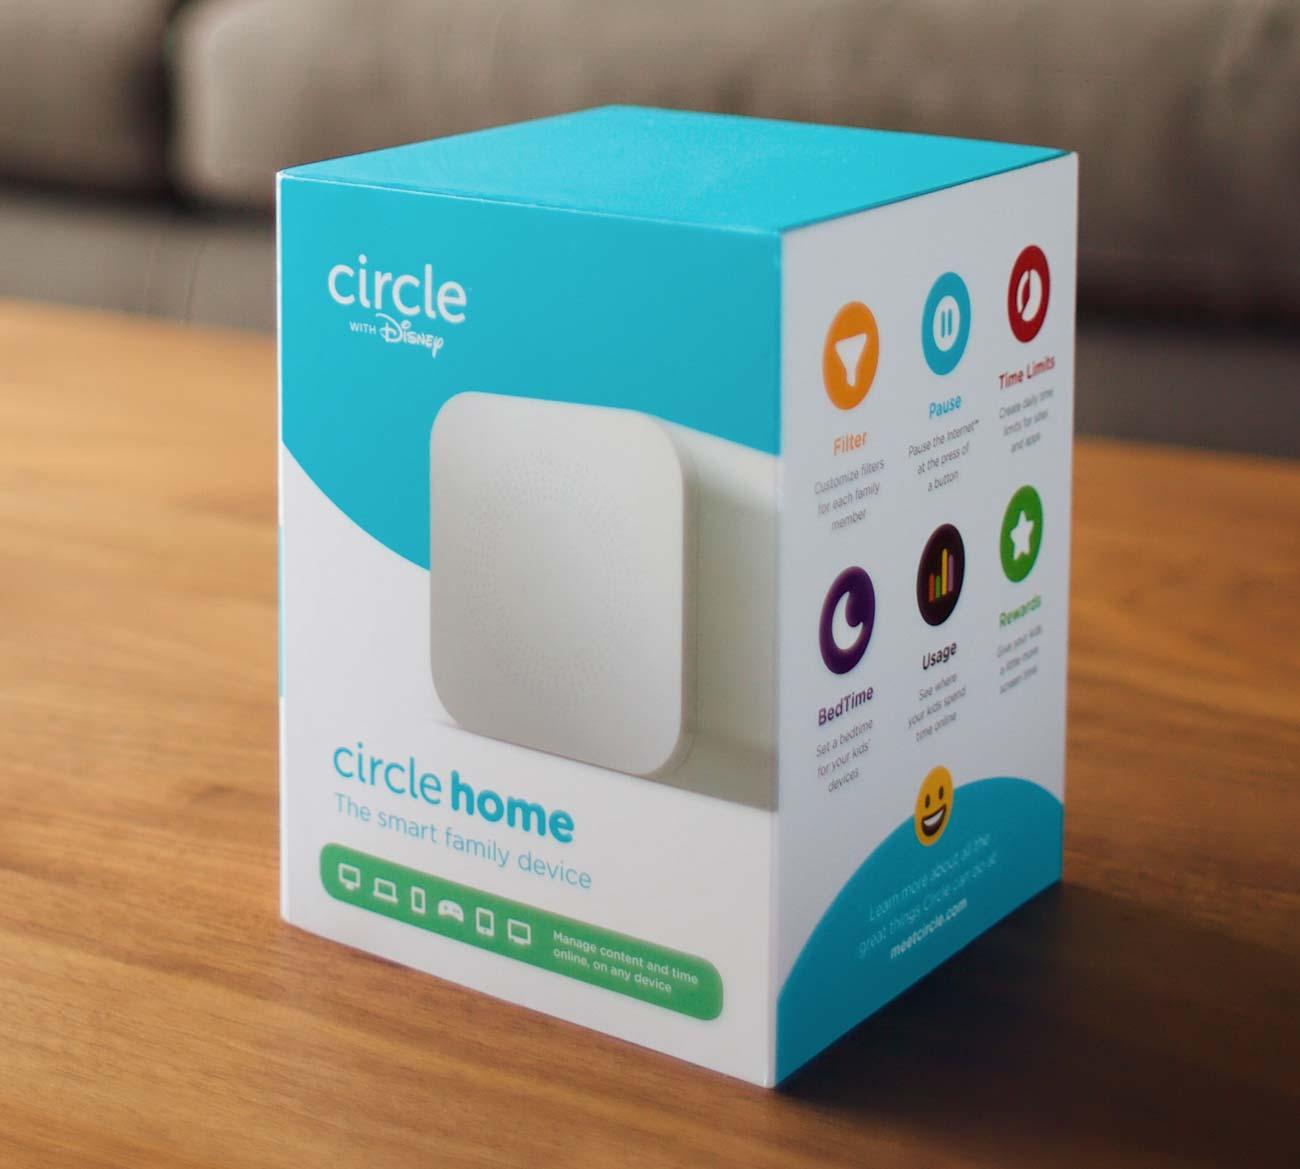 免費內建管控網路兒少不宜內容,Orbi 三頻 Mesh Wi-Fi 無線網絡系統結合 Circle APP 守護家中上網安全